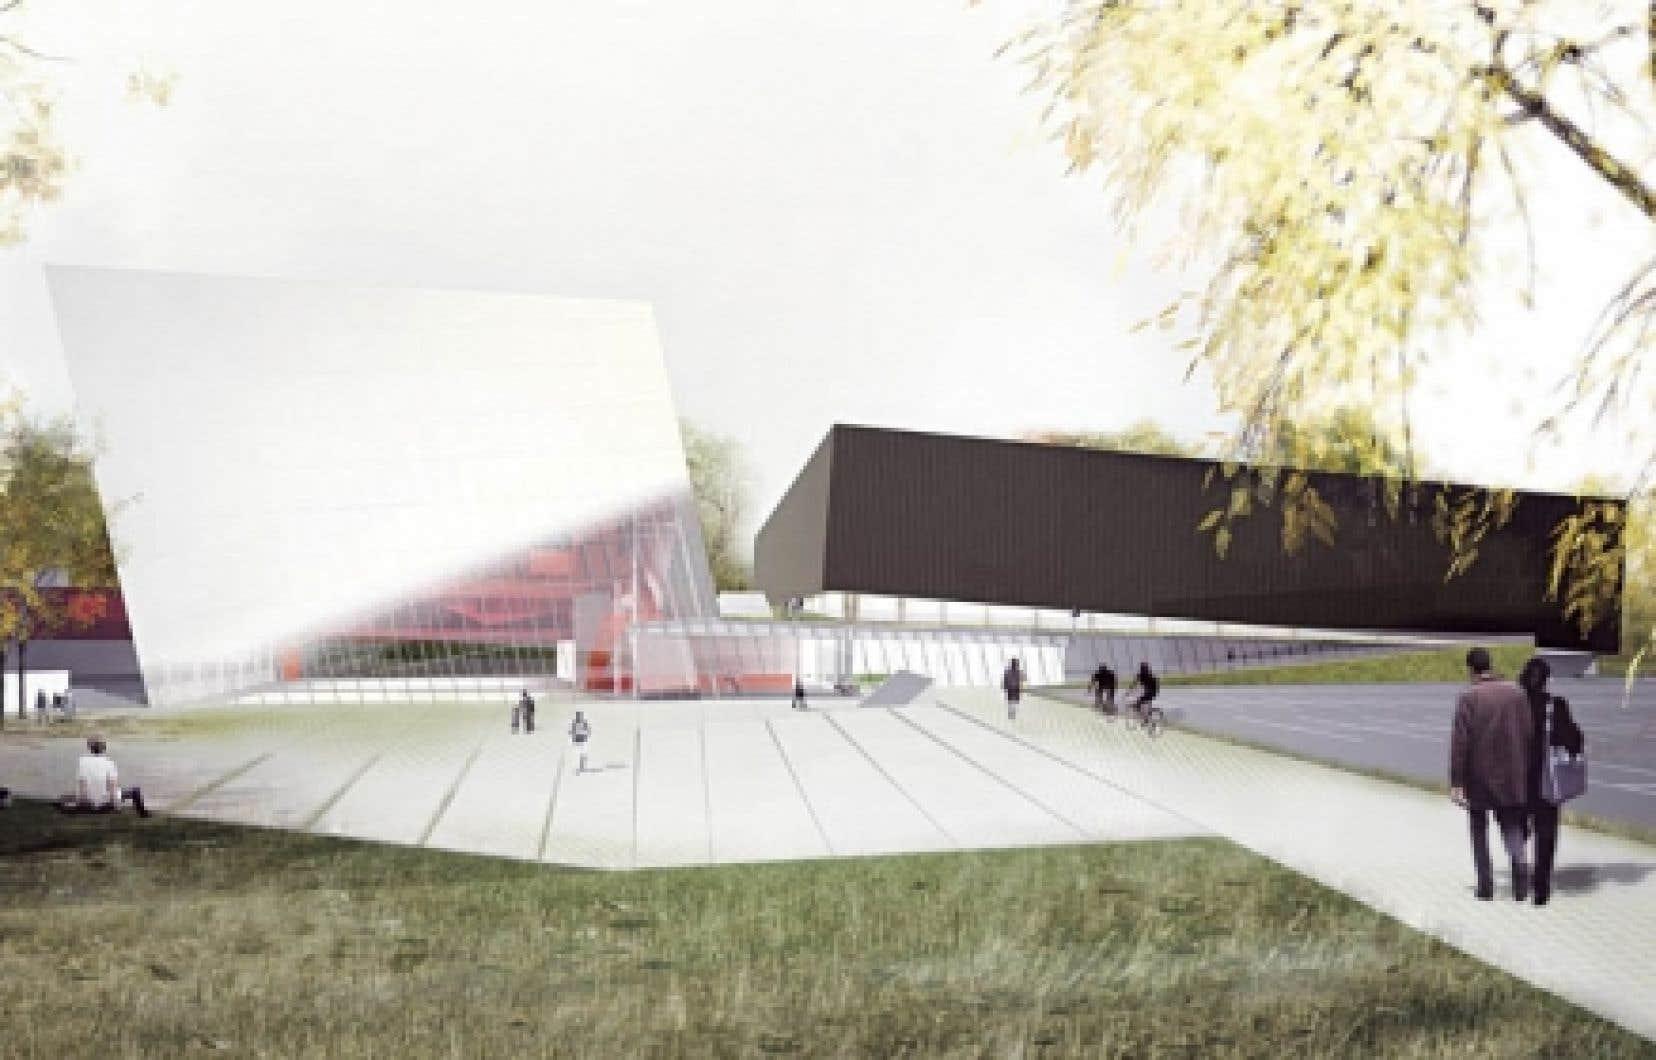 Concours pour le Complexe sportif de l'arrondissement de Saint-Laurent, Saucier + Perrotte architectes. Perspective du bâtiment vue depuis le boulevard Thimens. <br />